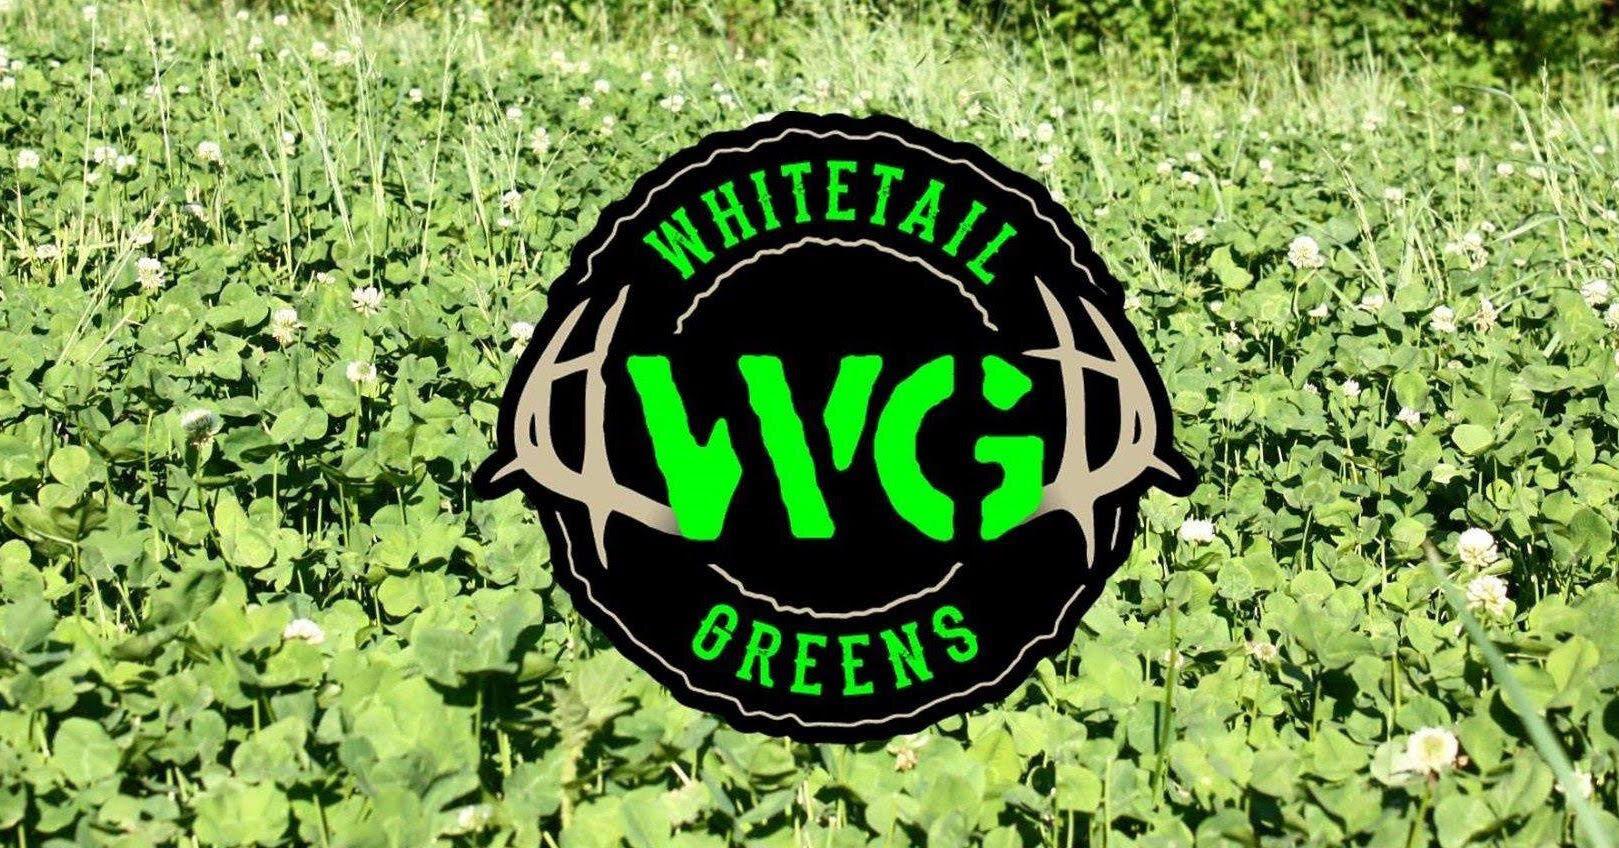 whitetail.jpg